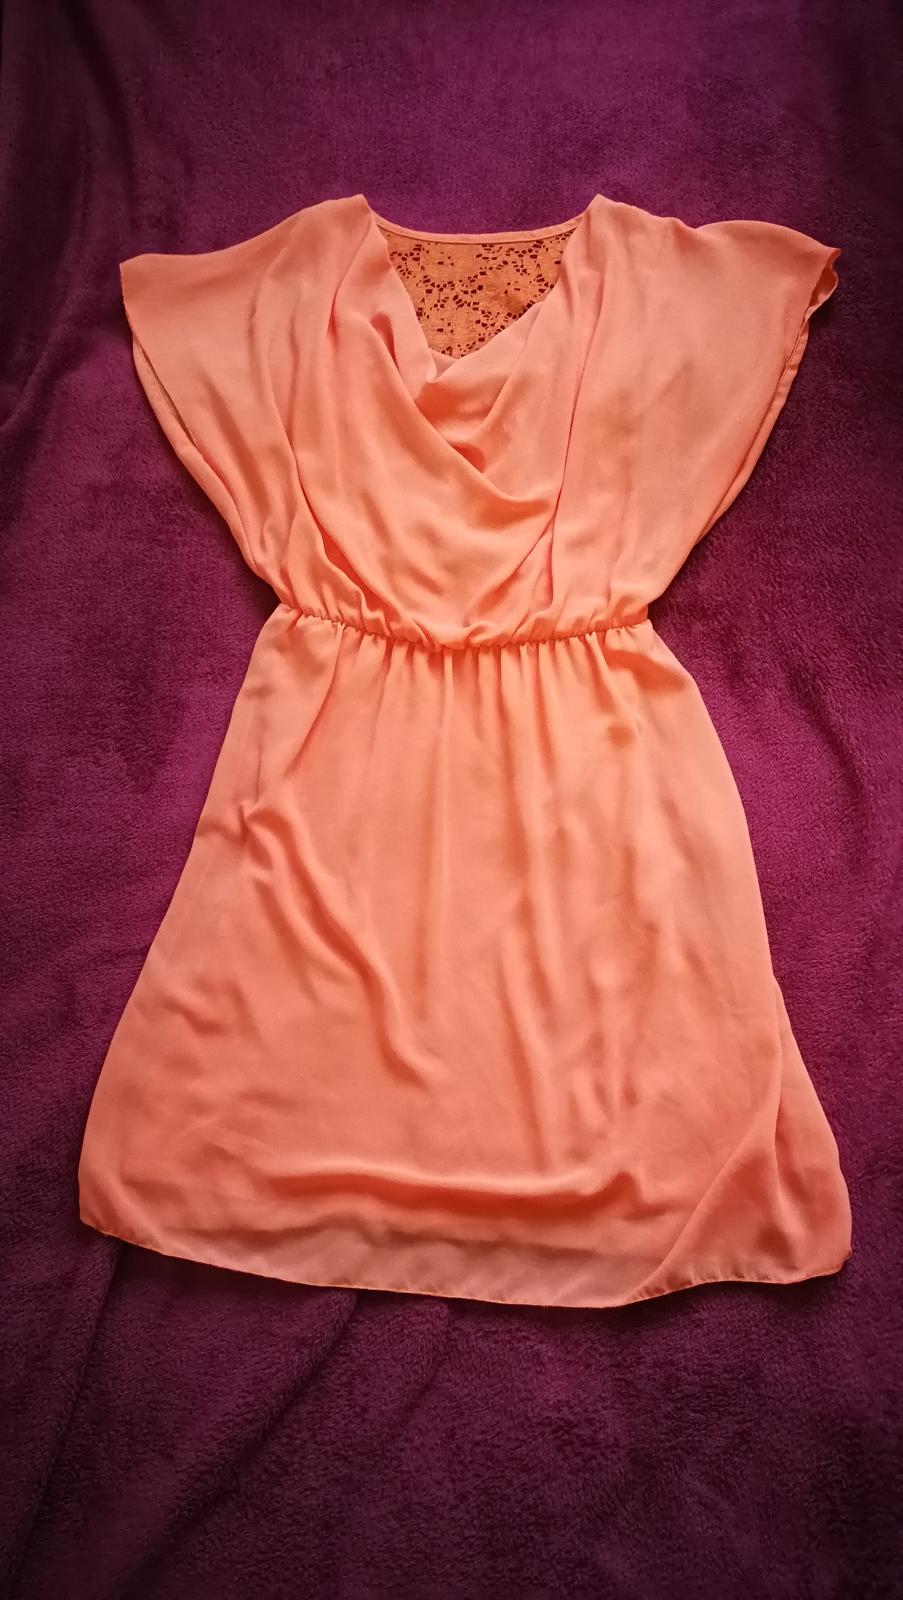 Lososové šaty s krajkou na zádech - Obrázek č. 1